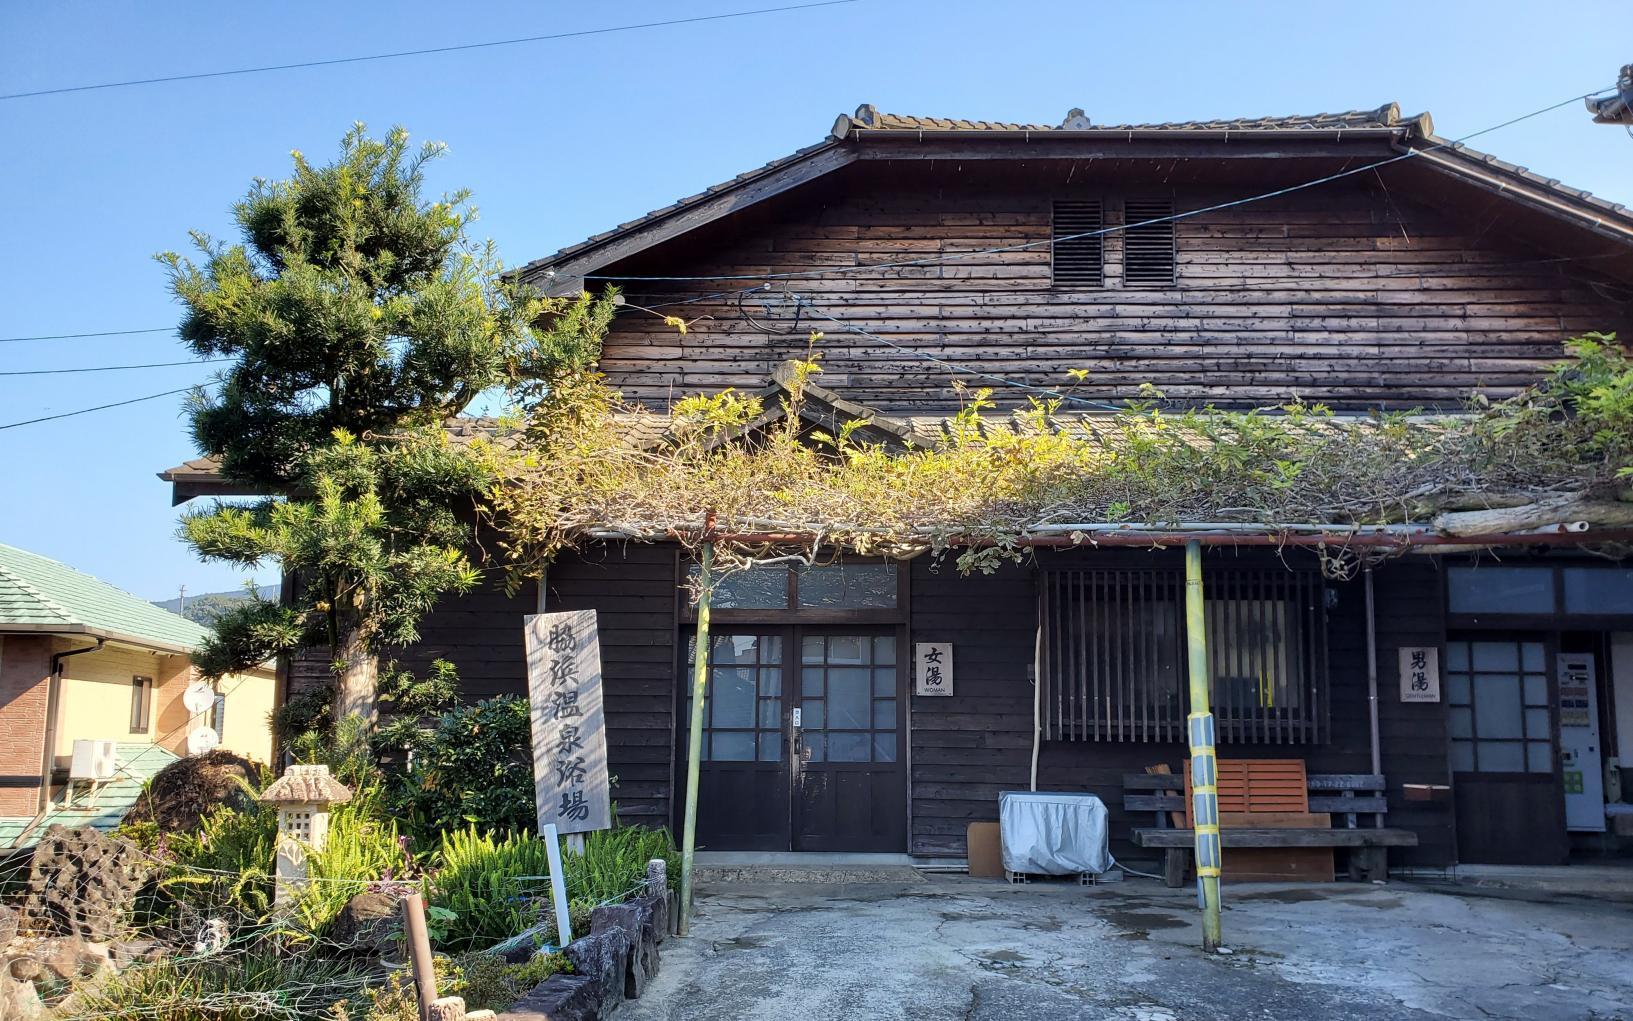 脇浜共同浴場 通称「おたっしゃん湯」-0